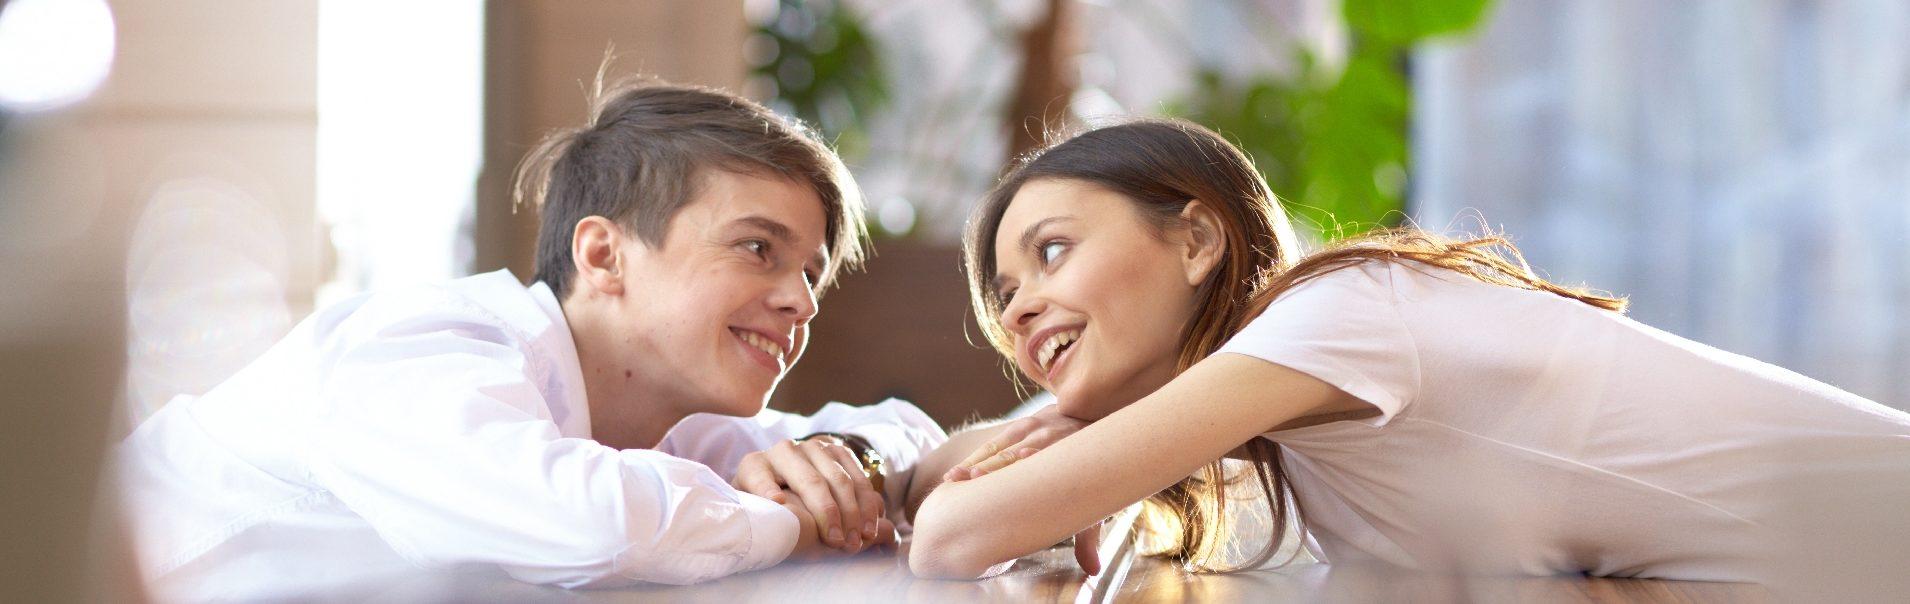 あなたの本当の幸せを叶える!6つのピースと「婚活シナリオ」の描き方